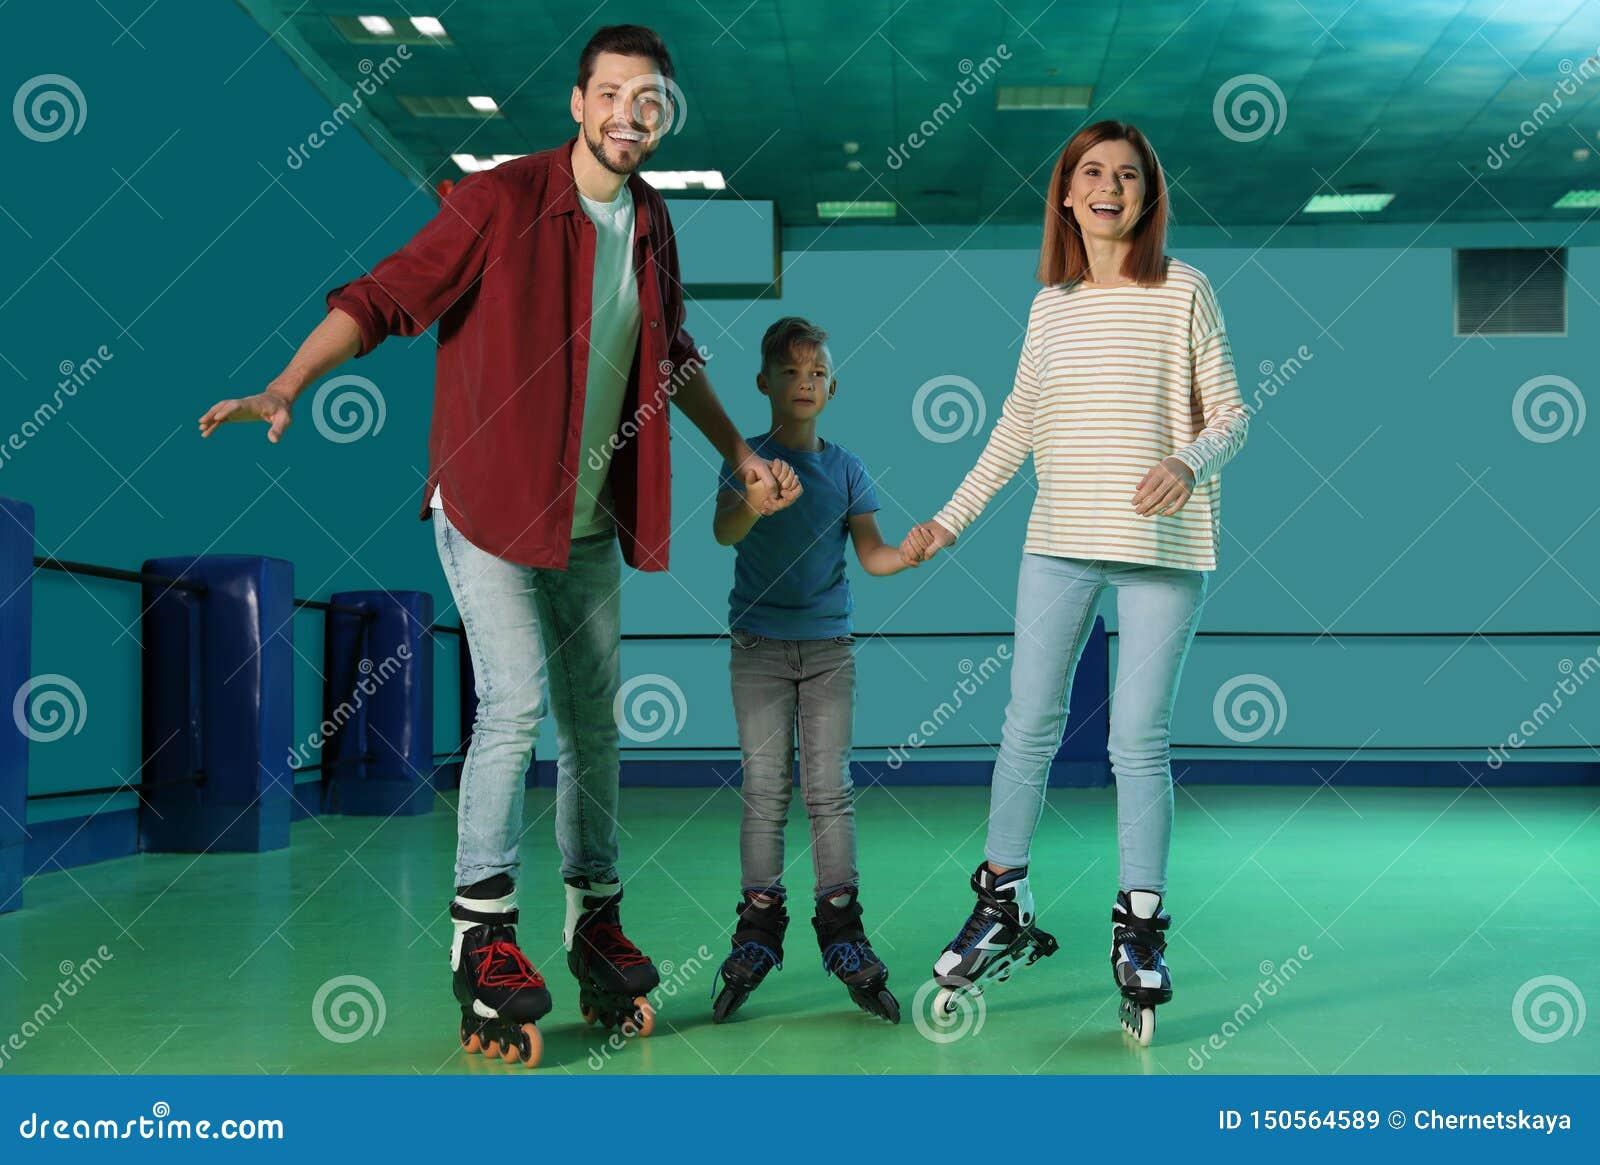 Family having fun at roller skating rink